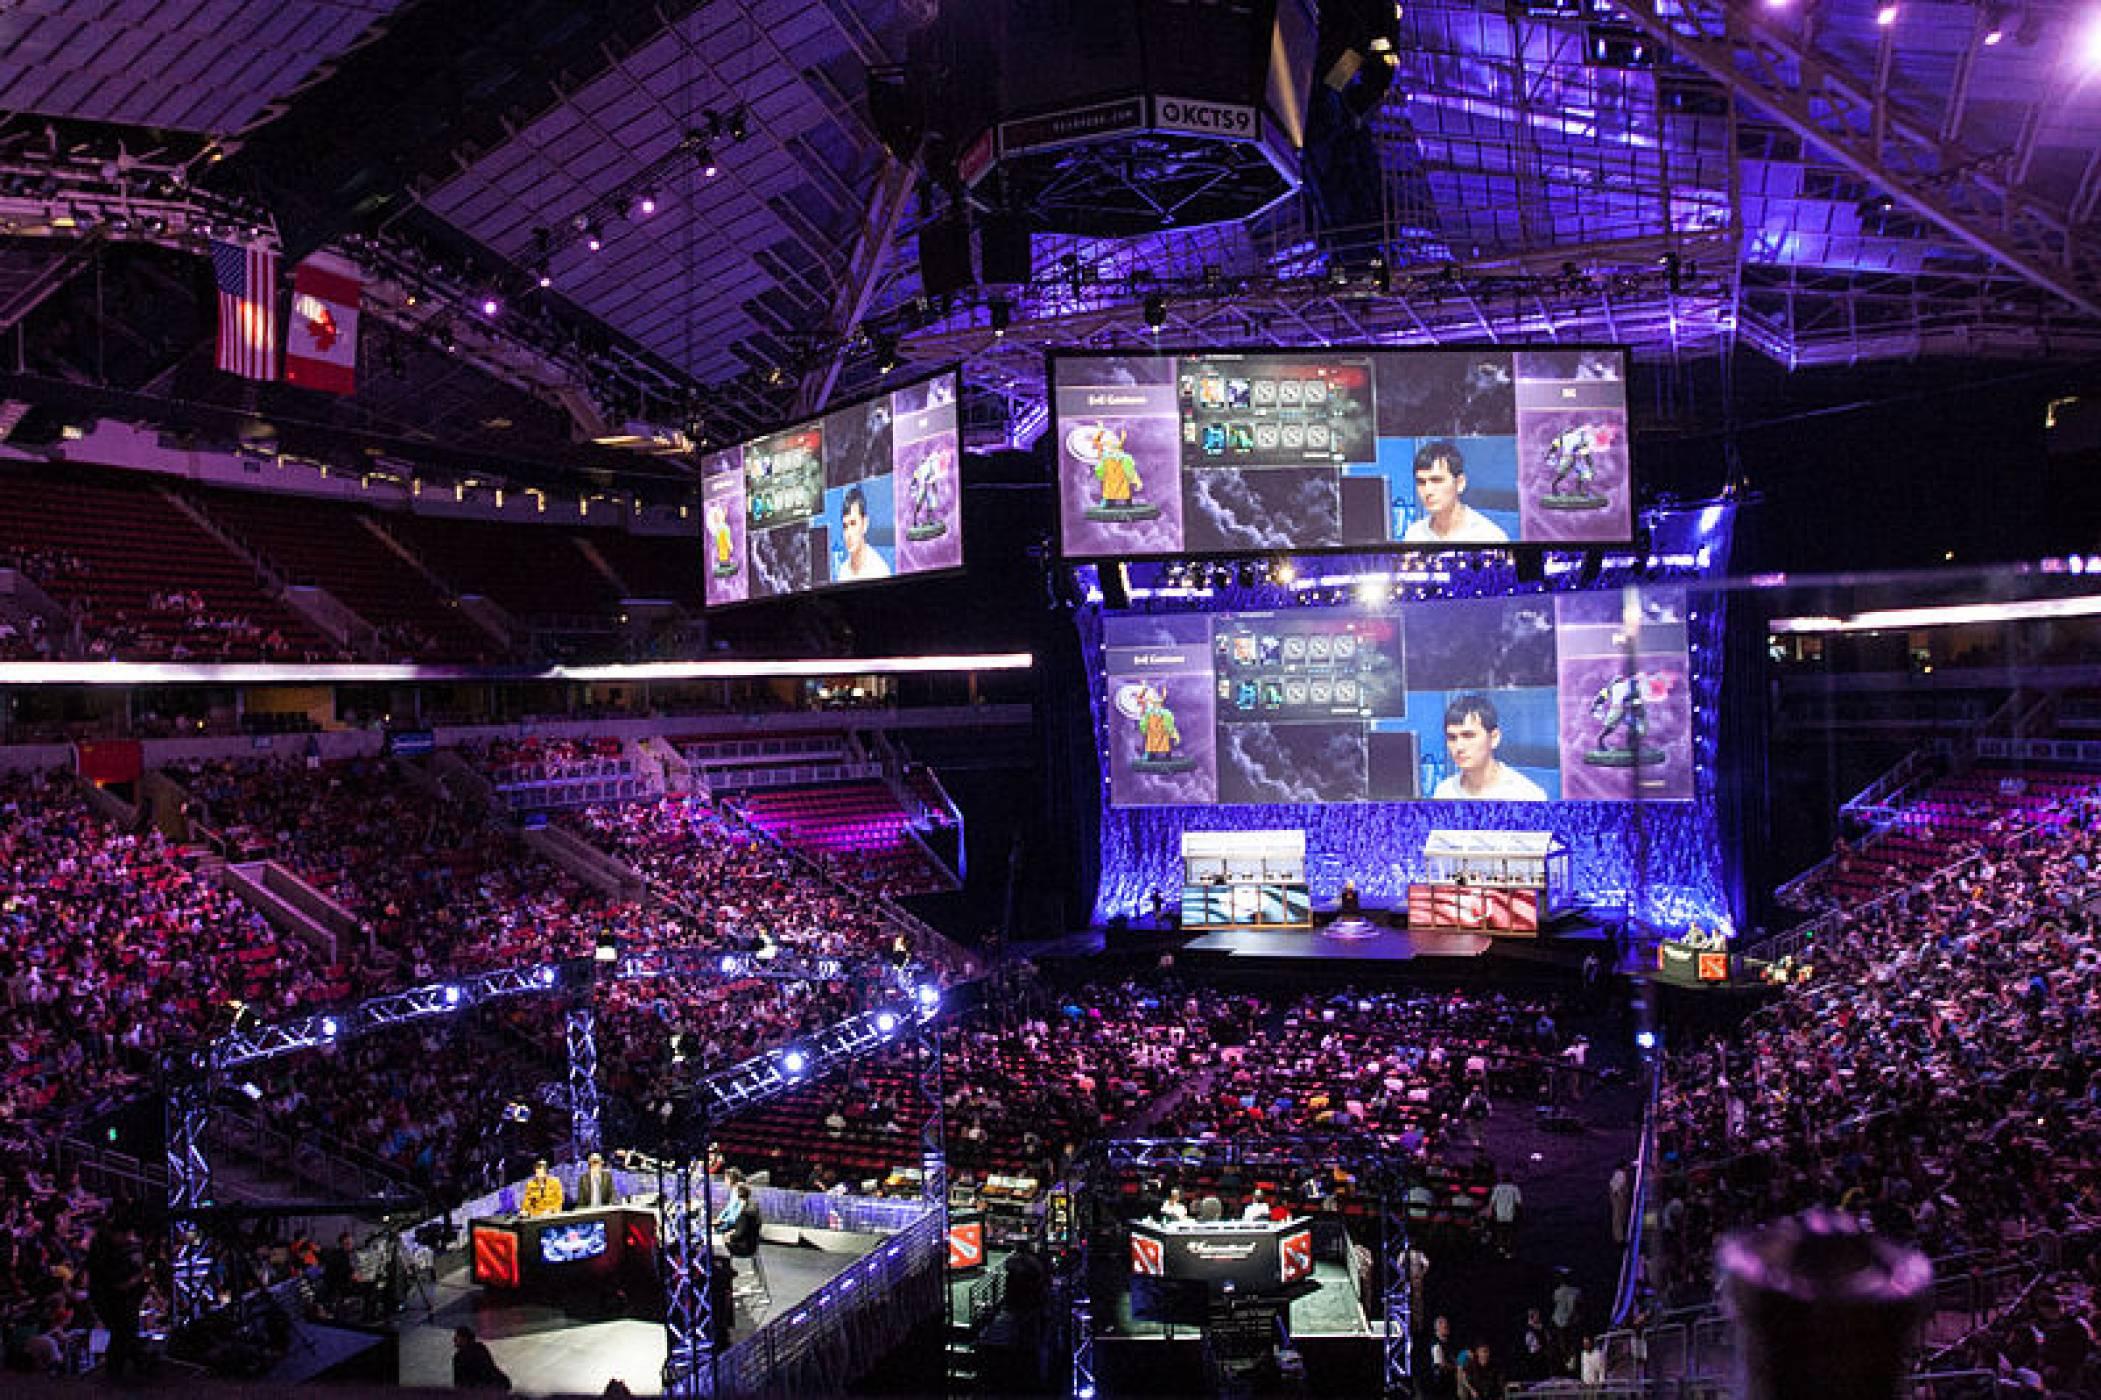 Инвестициите в е-спорт и гейминг акции са по-доходоносни от тези в биткойн